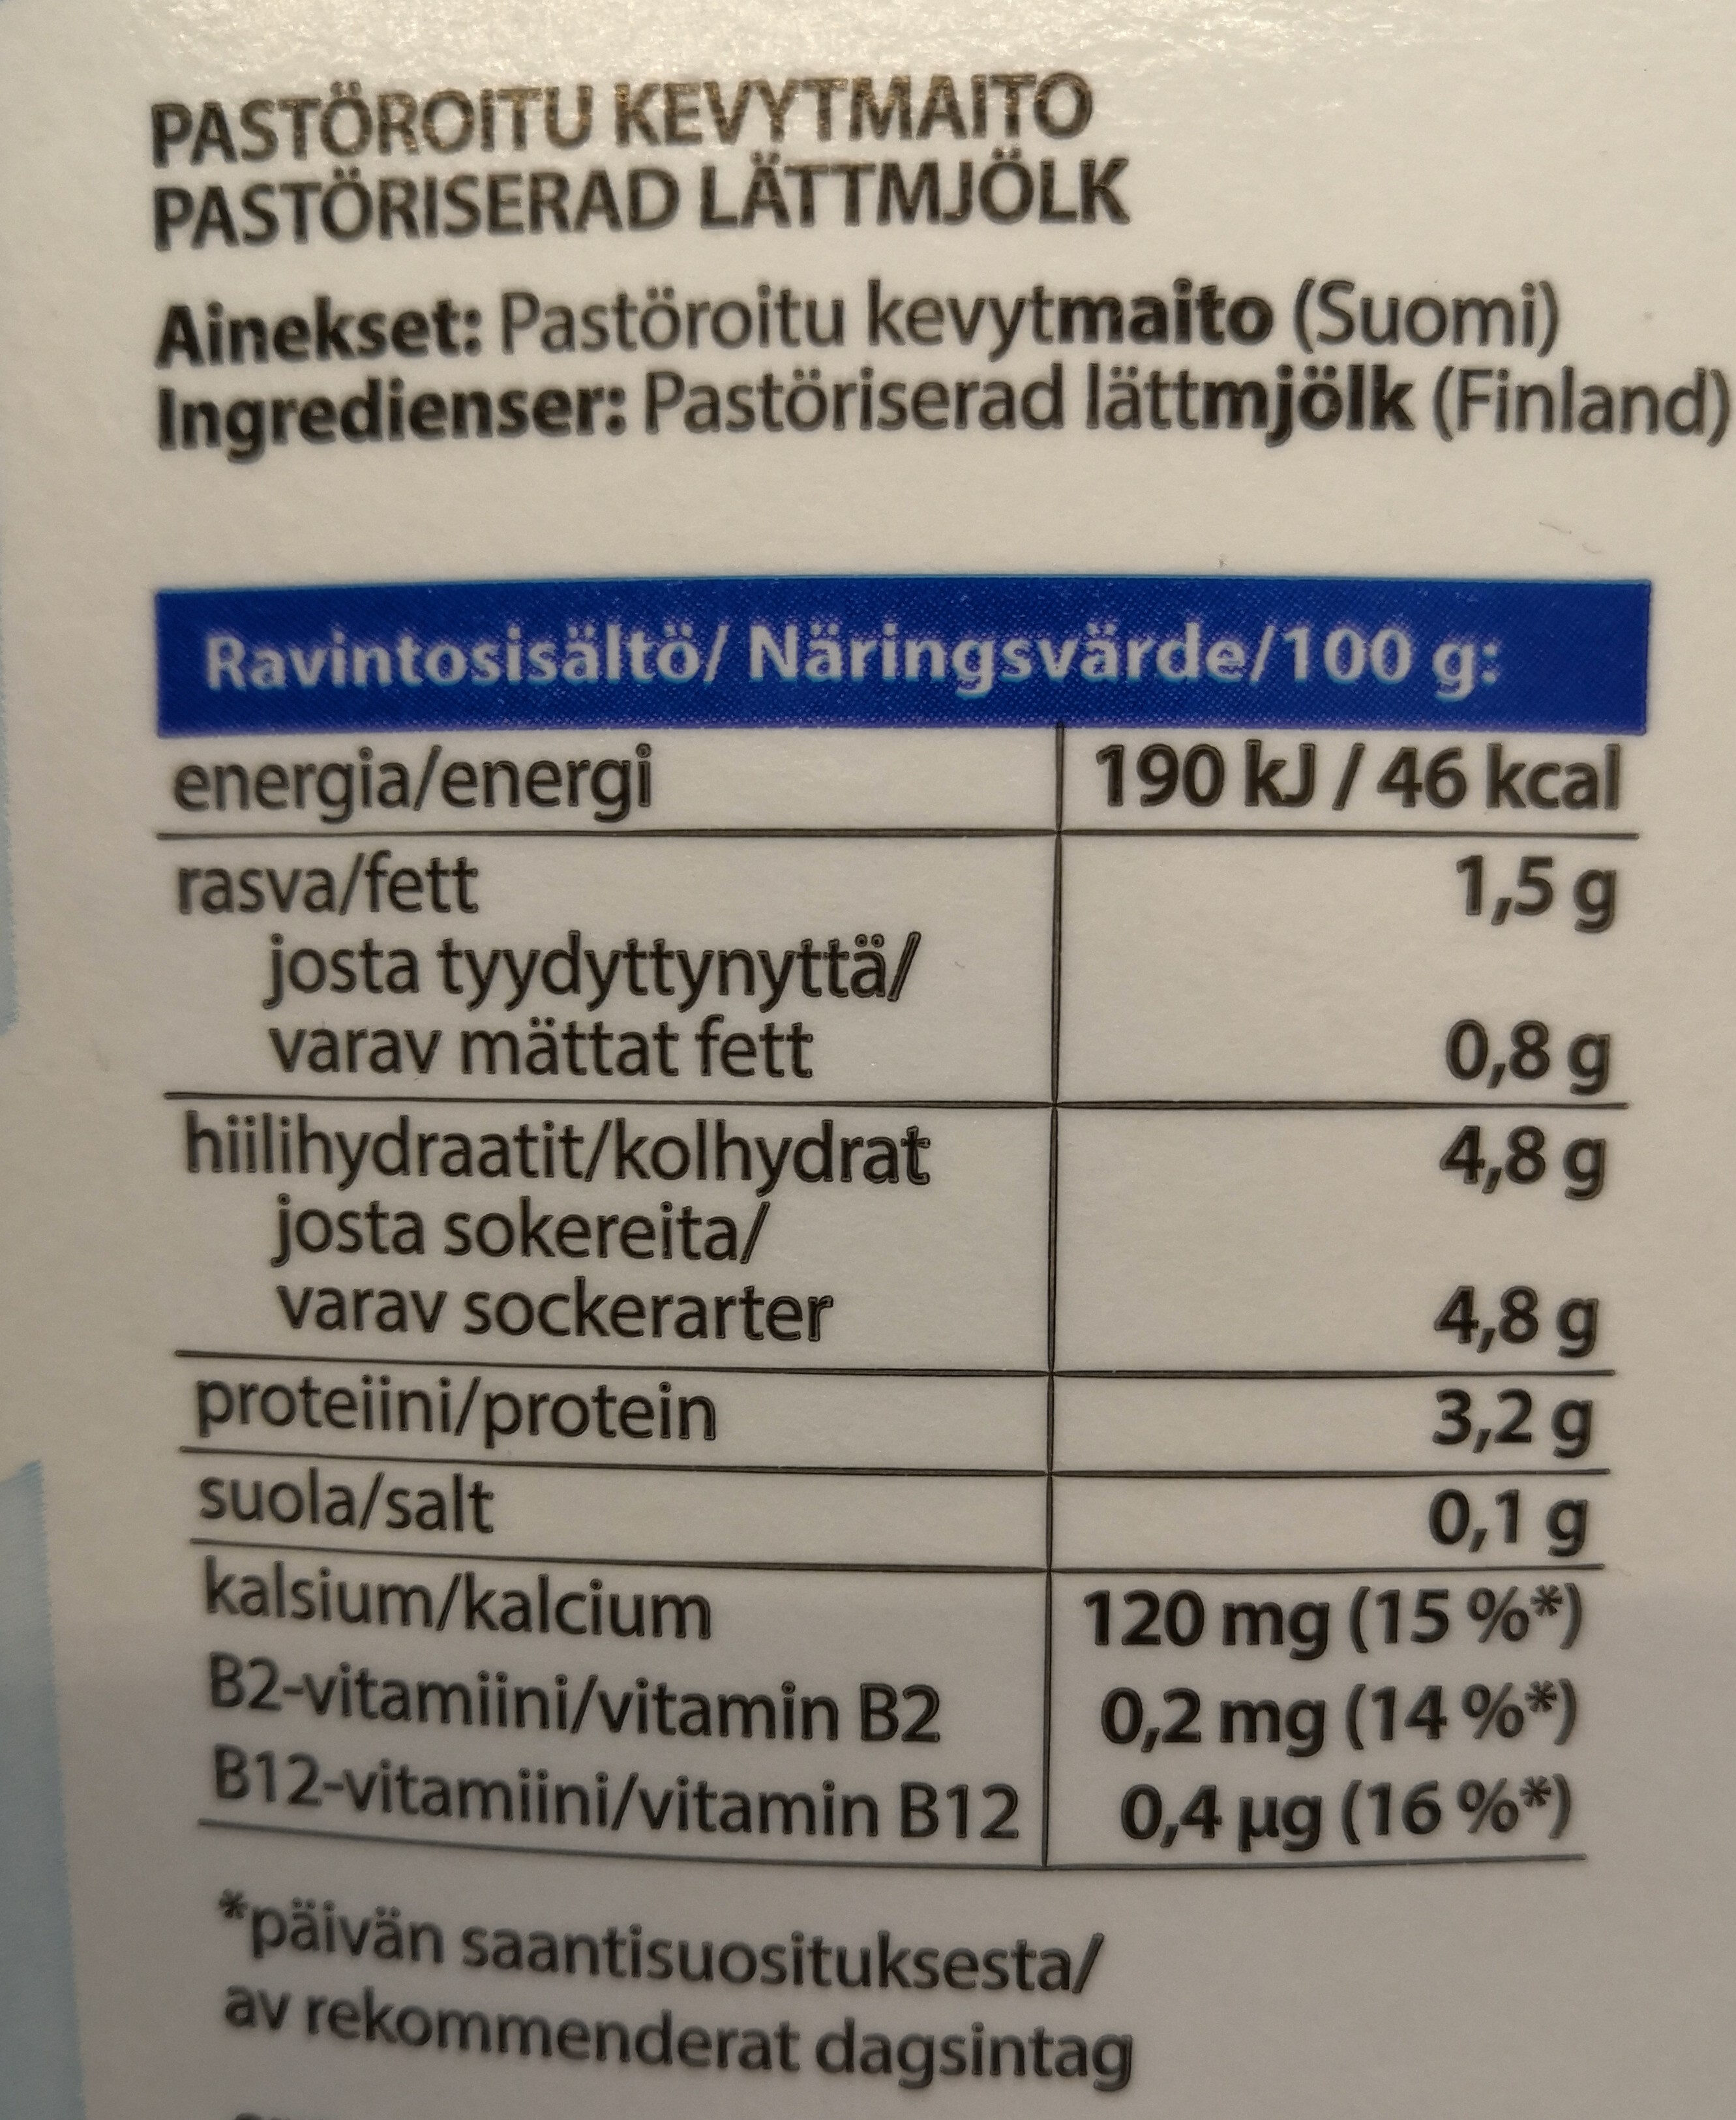 Ulkoilevan vapaan lehmän kevytmaito - Ravintosisältö - fi